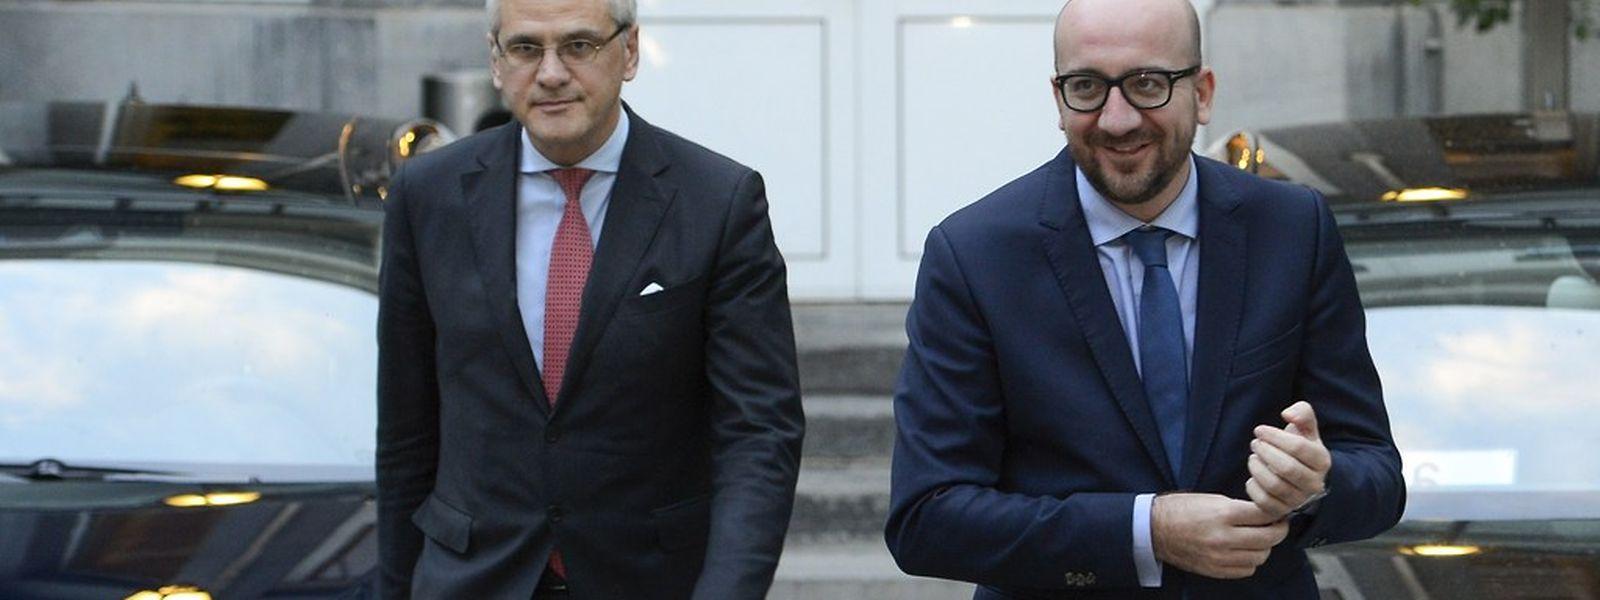 Der designierte Regierungschef Charles Michel  (rechts) und sein Co-formateur Kris Peeters verlassen die Marathon-Verhandlungen.